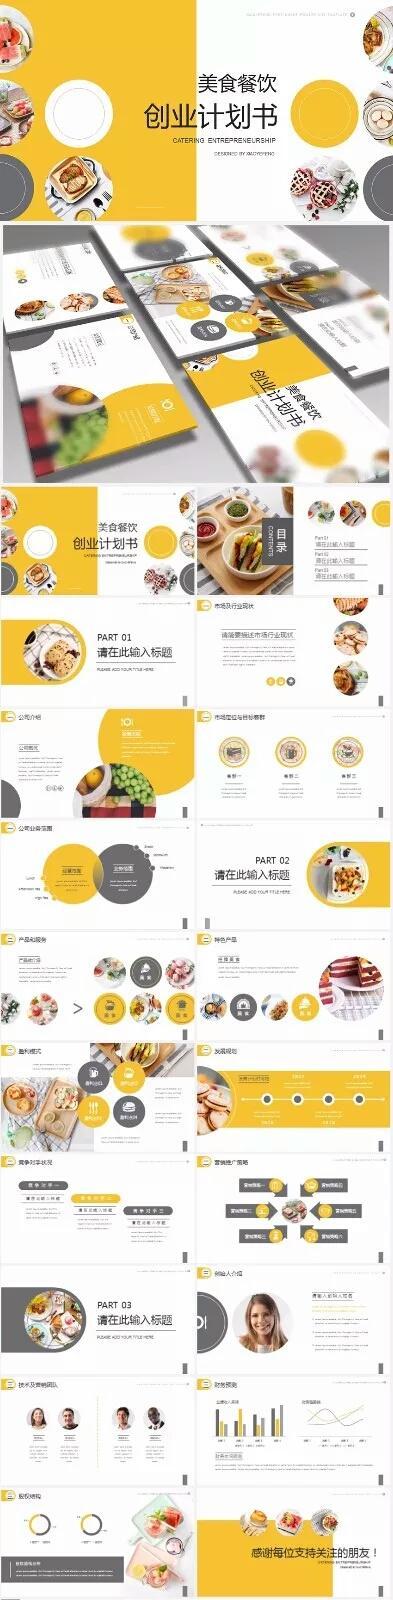 美食的ppt模板,【分享】美食餐饮创业商业计划书菜单菜谱PPT模板